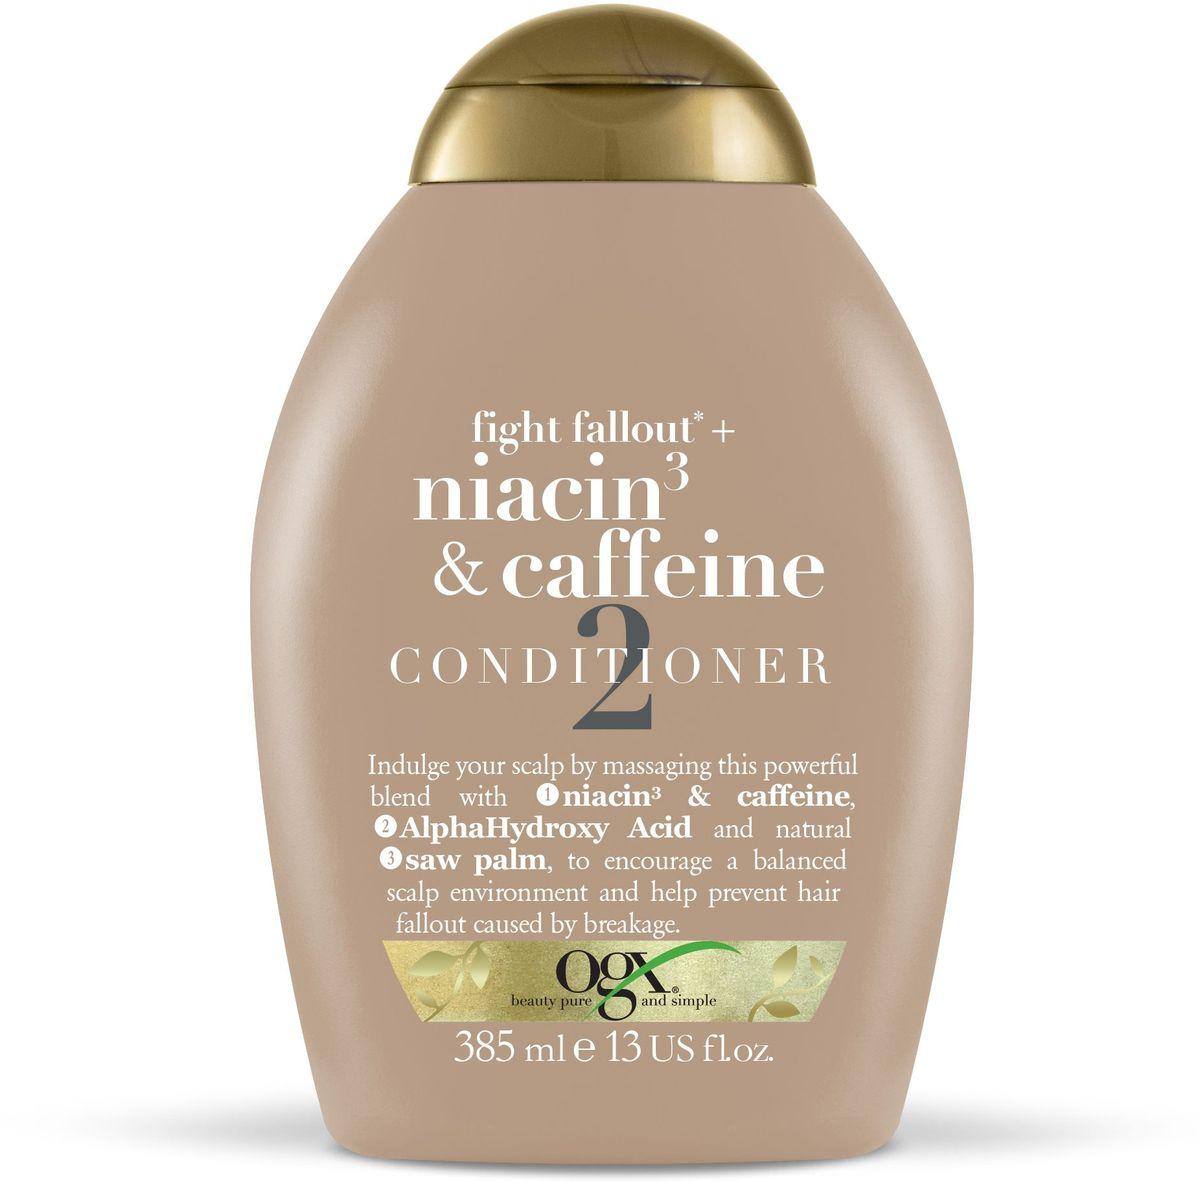 OGX Кондиционер против выпадения волос с ниацином 3 и кофеином, 385 мл.97762Кондиционер против выпадения волос с ниацином 3 и кофеином помогает поддерживать кожу голову в здоровом состоянии, стимулирует волосяные фолликулы и предотвращает выпадение и ломкость волос.